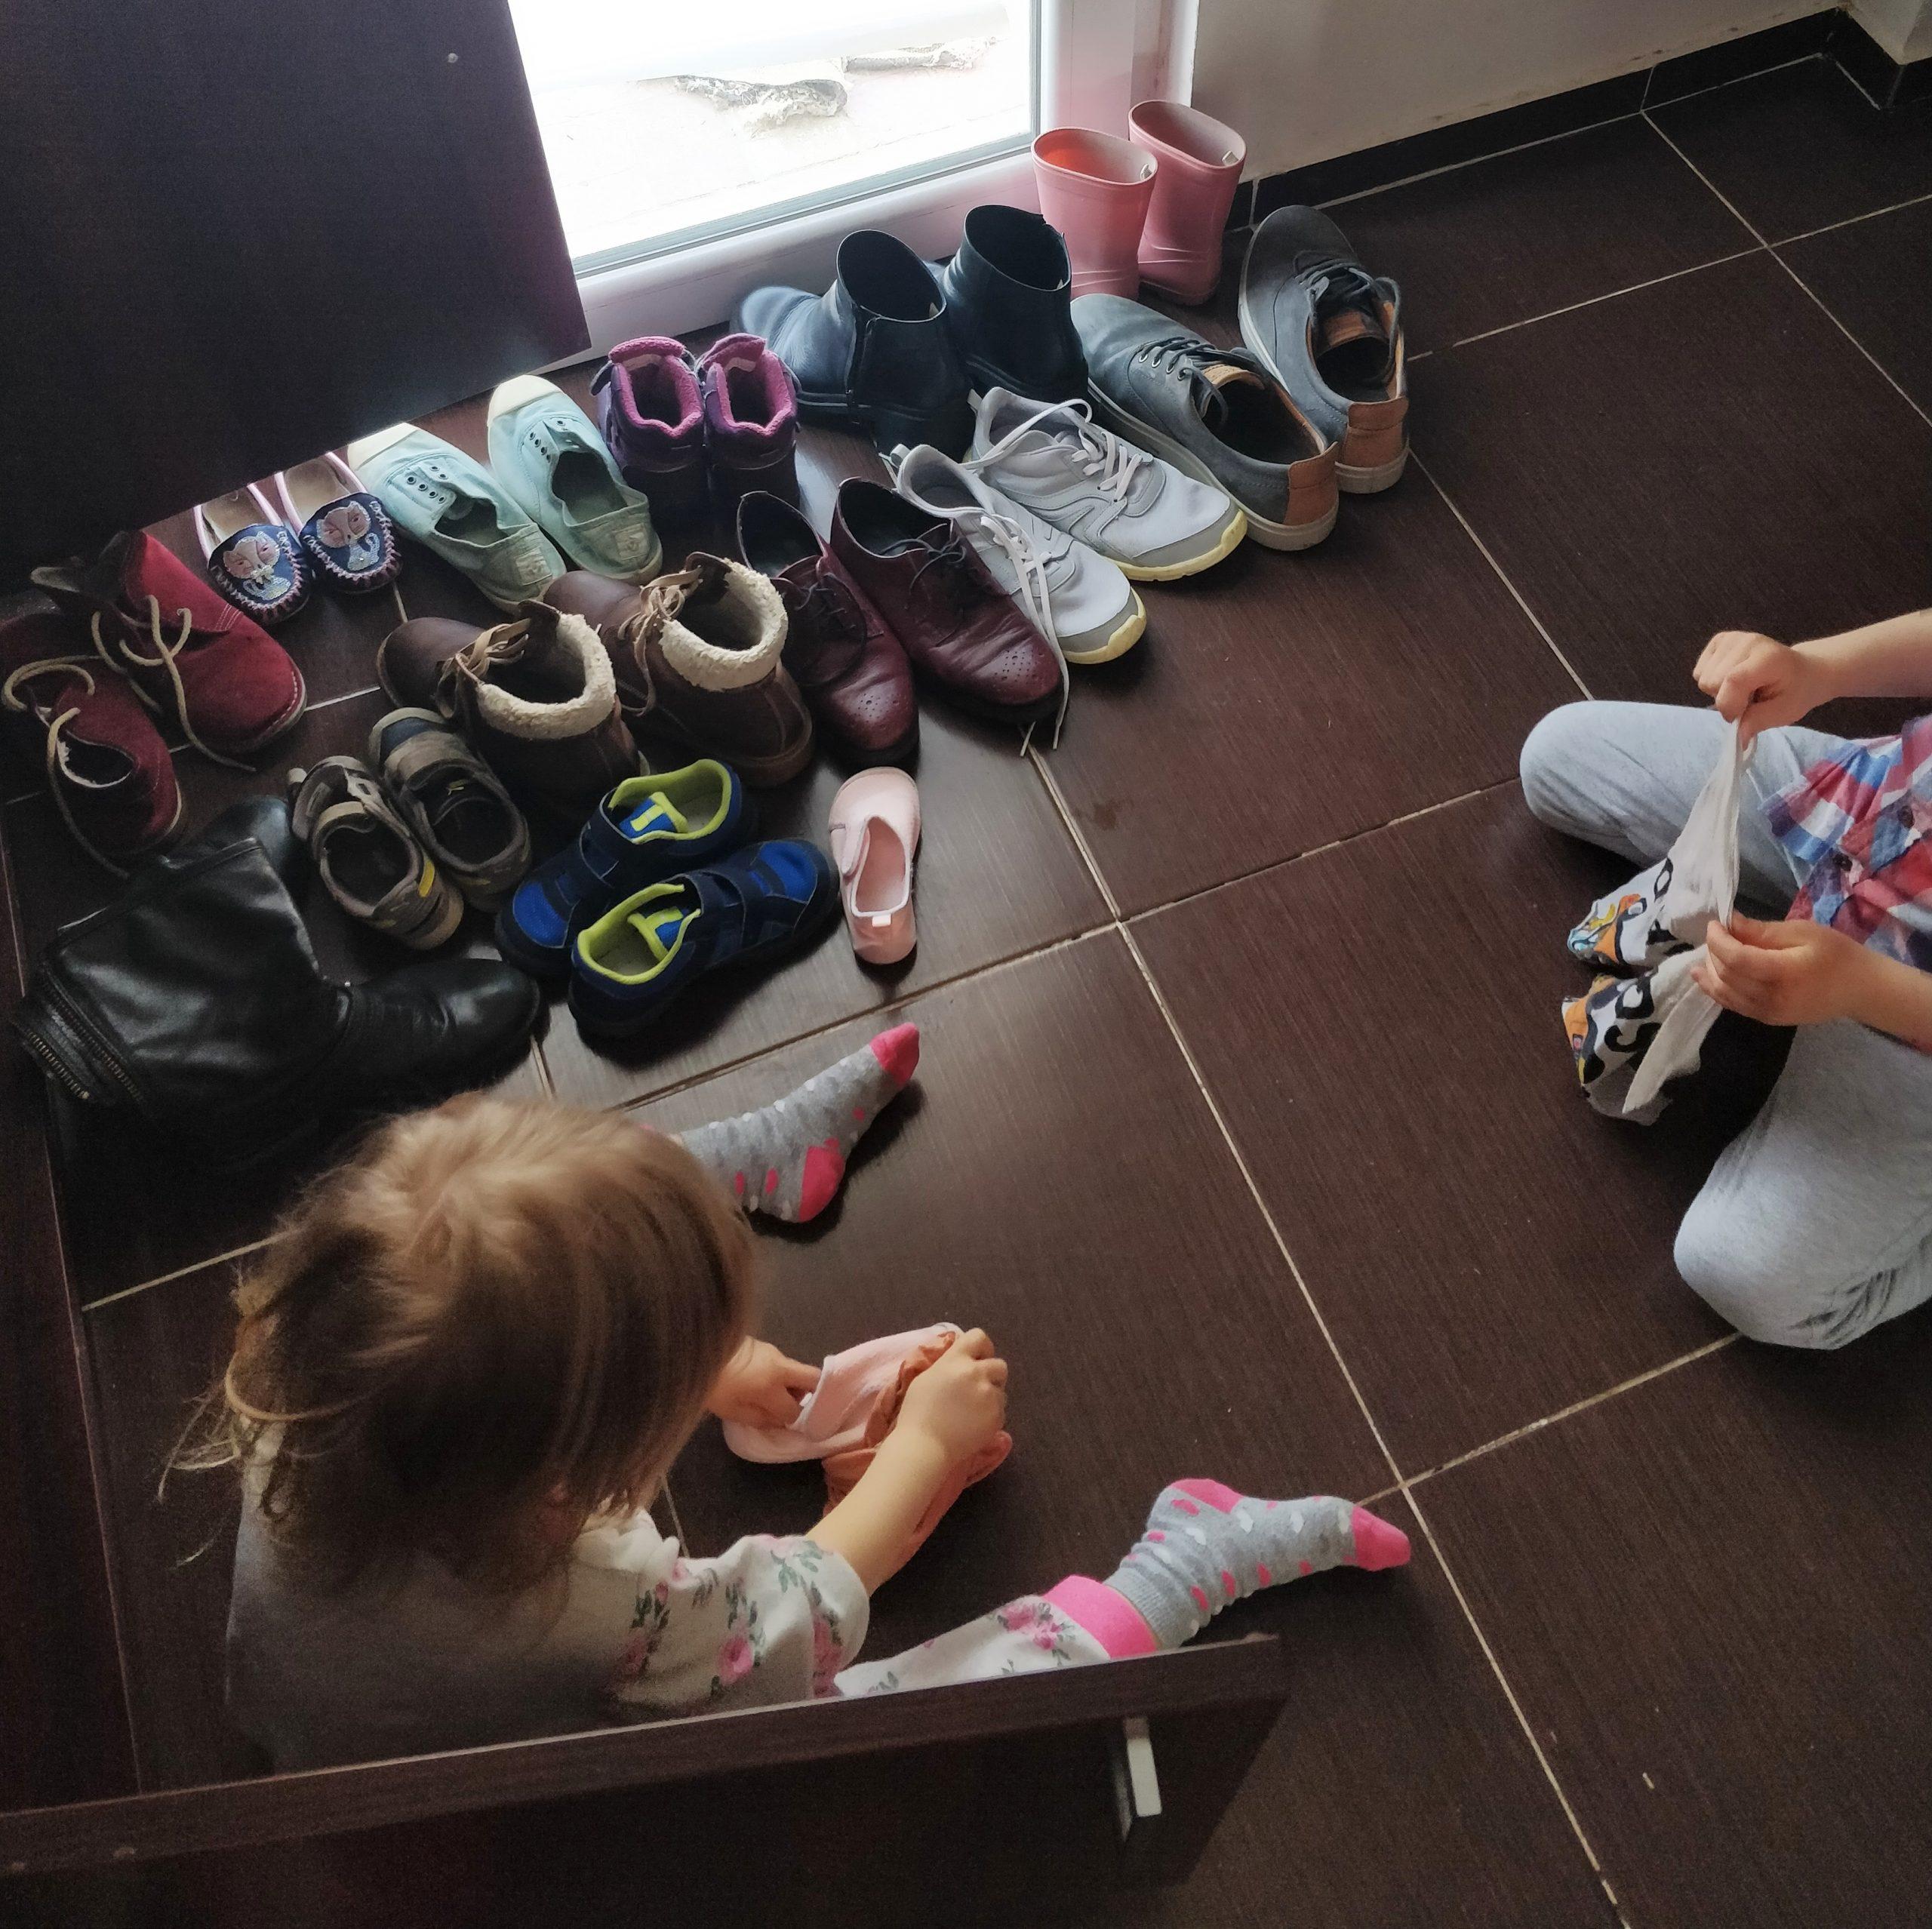 Jurnal-de-pandemie-cum-au-fost-pentru-noi-primele-2-săptămâni-și-ce-planuri-avem-în-continuare_copii-care-fac-curat